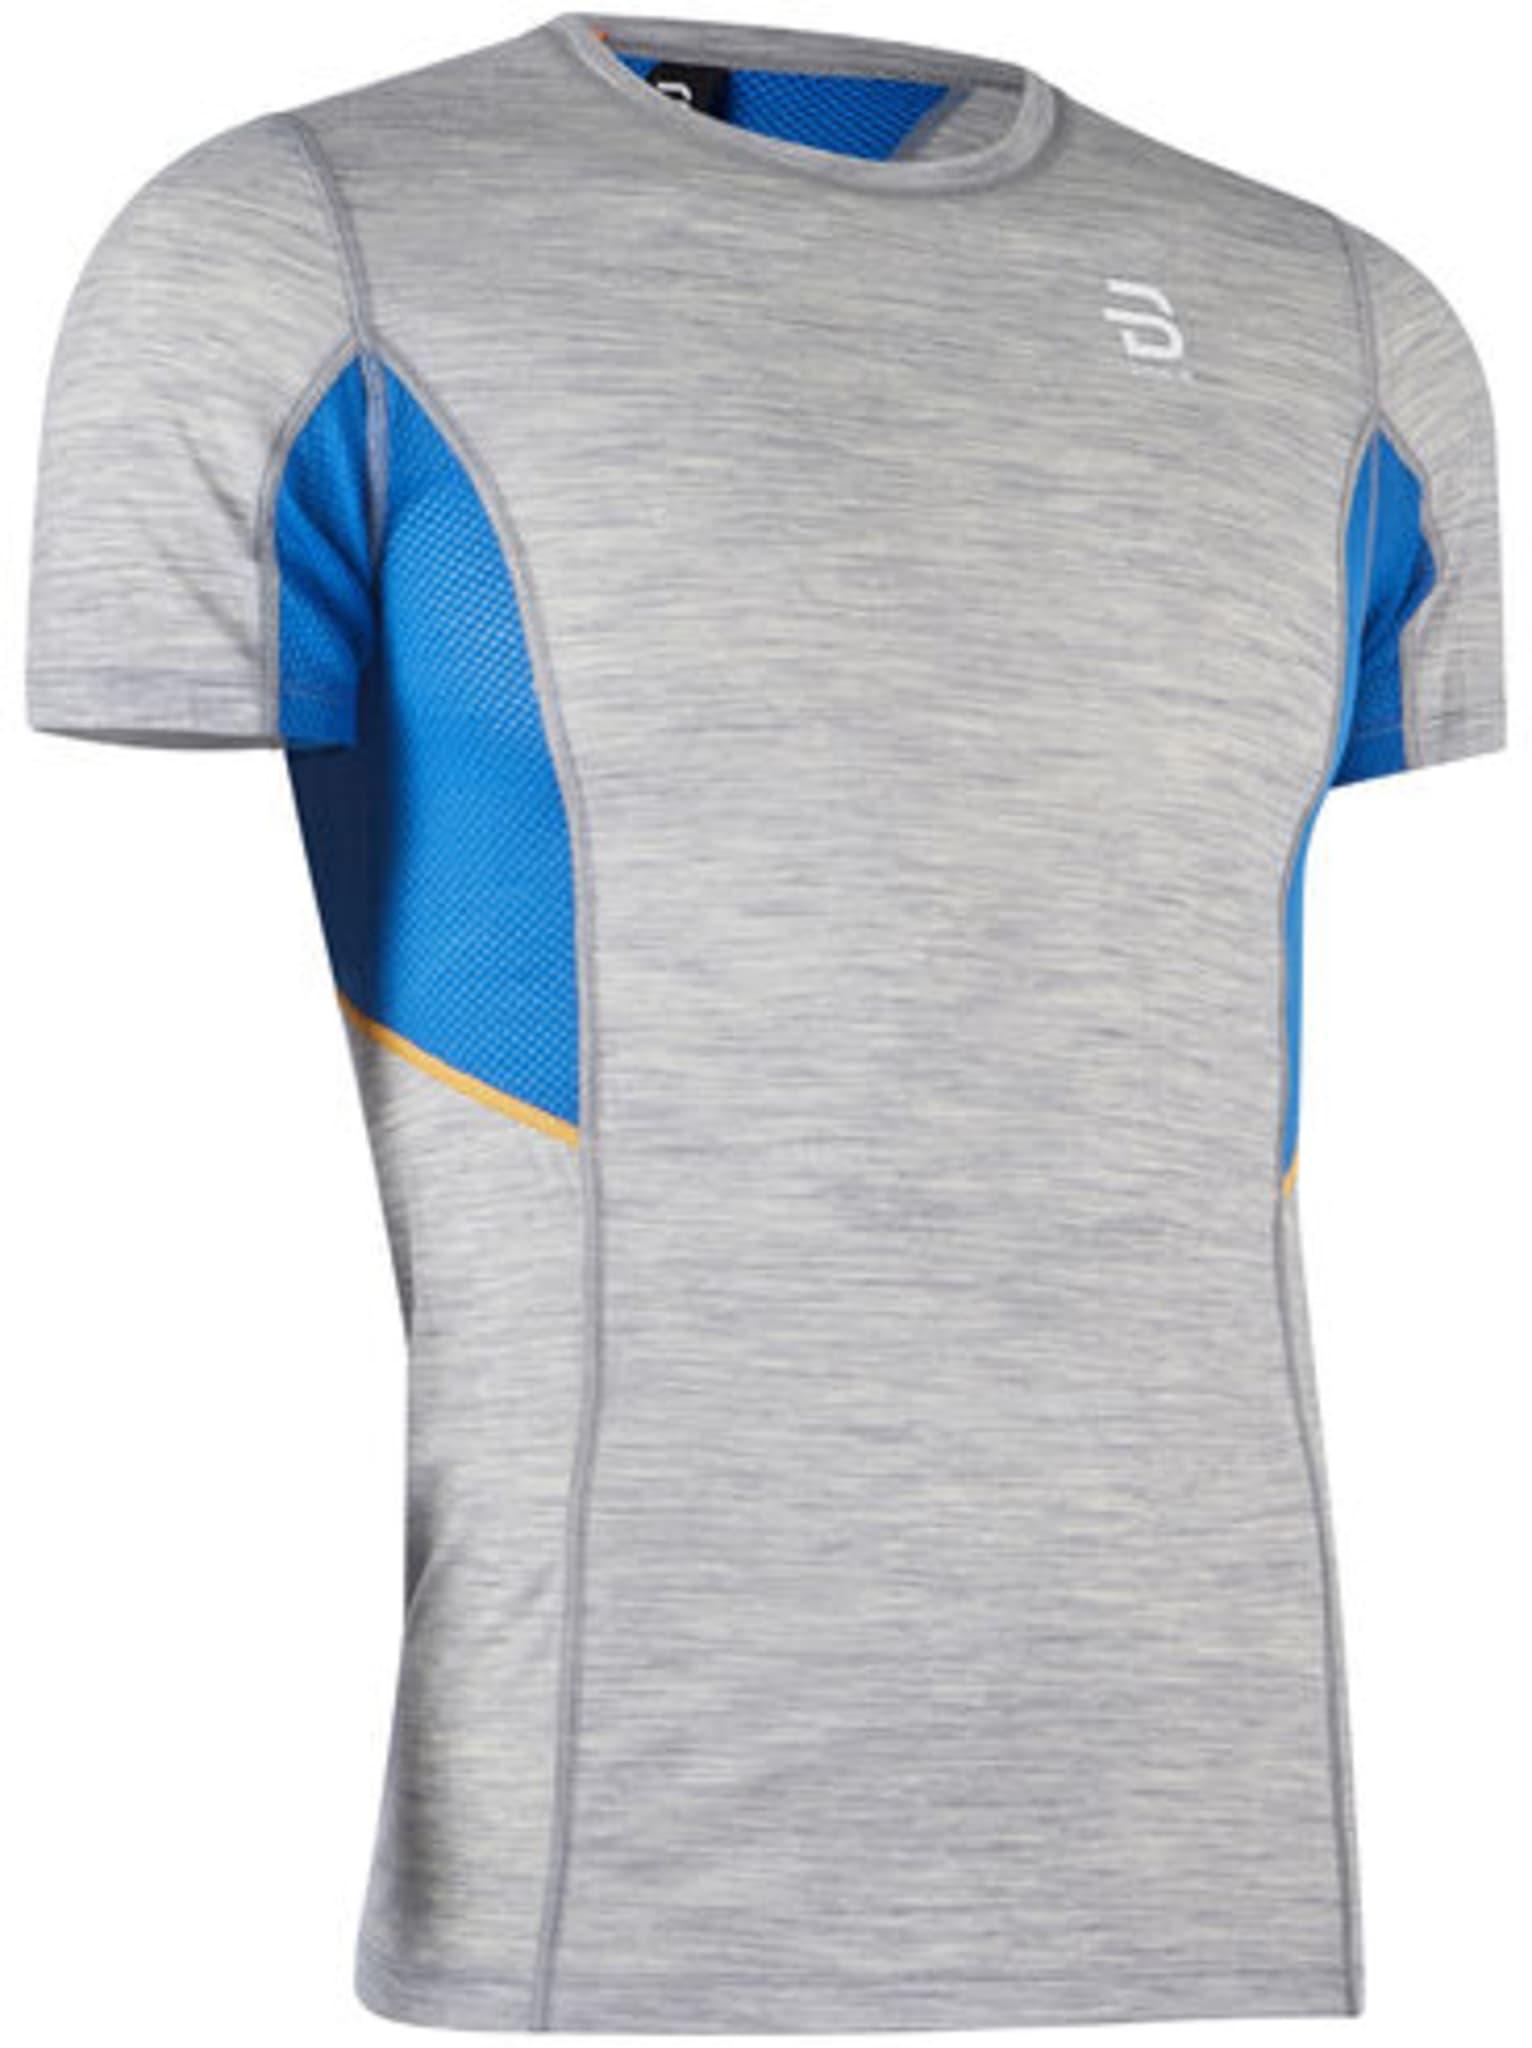 En tynnere baselayer t-skjorte til herre i ullkvalitet for trening i alle temperaturer.